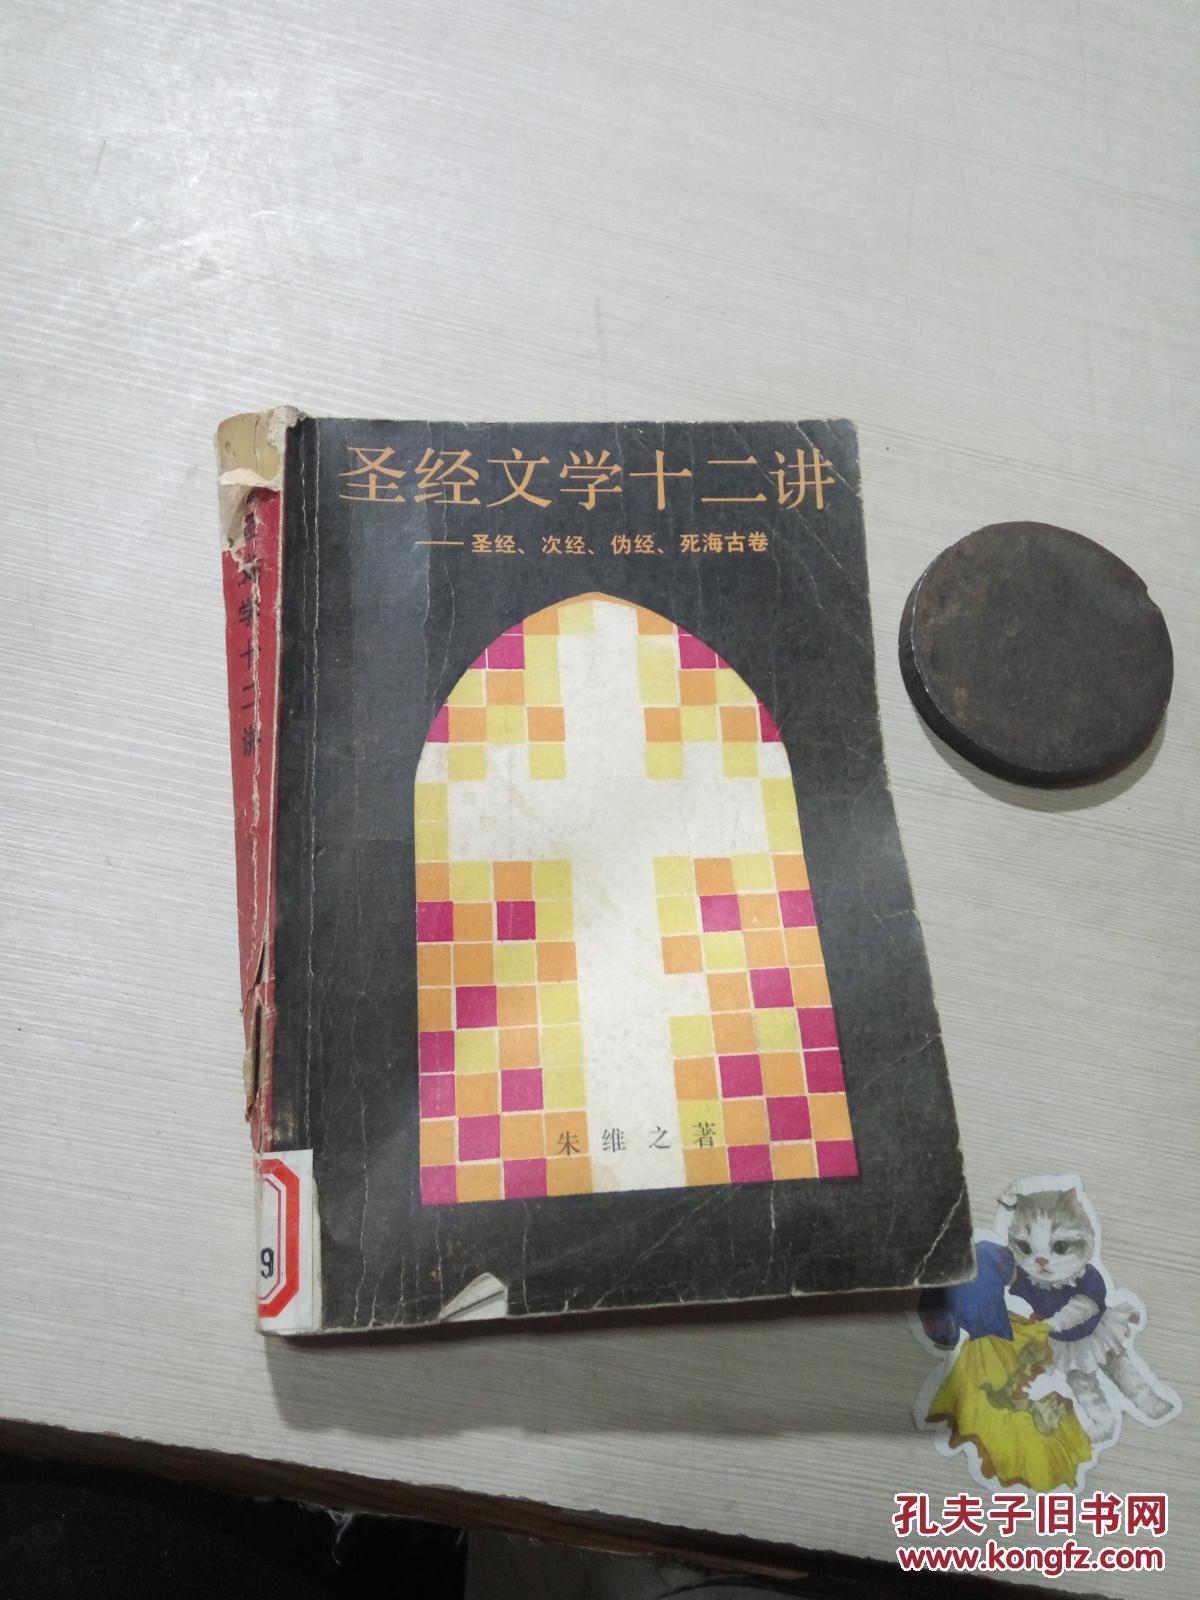 圣经文学十二讲 圣经,次经,伪经,死海古卷(一版一印)